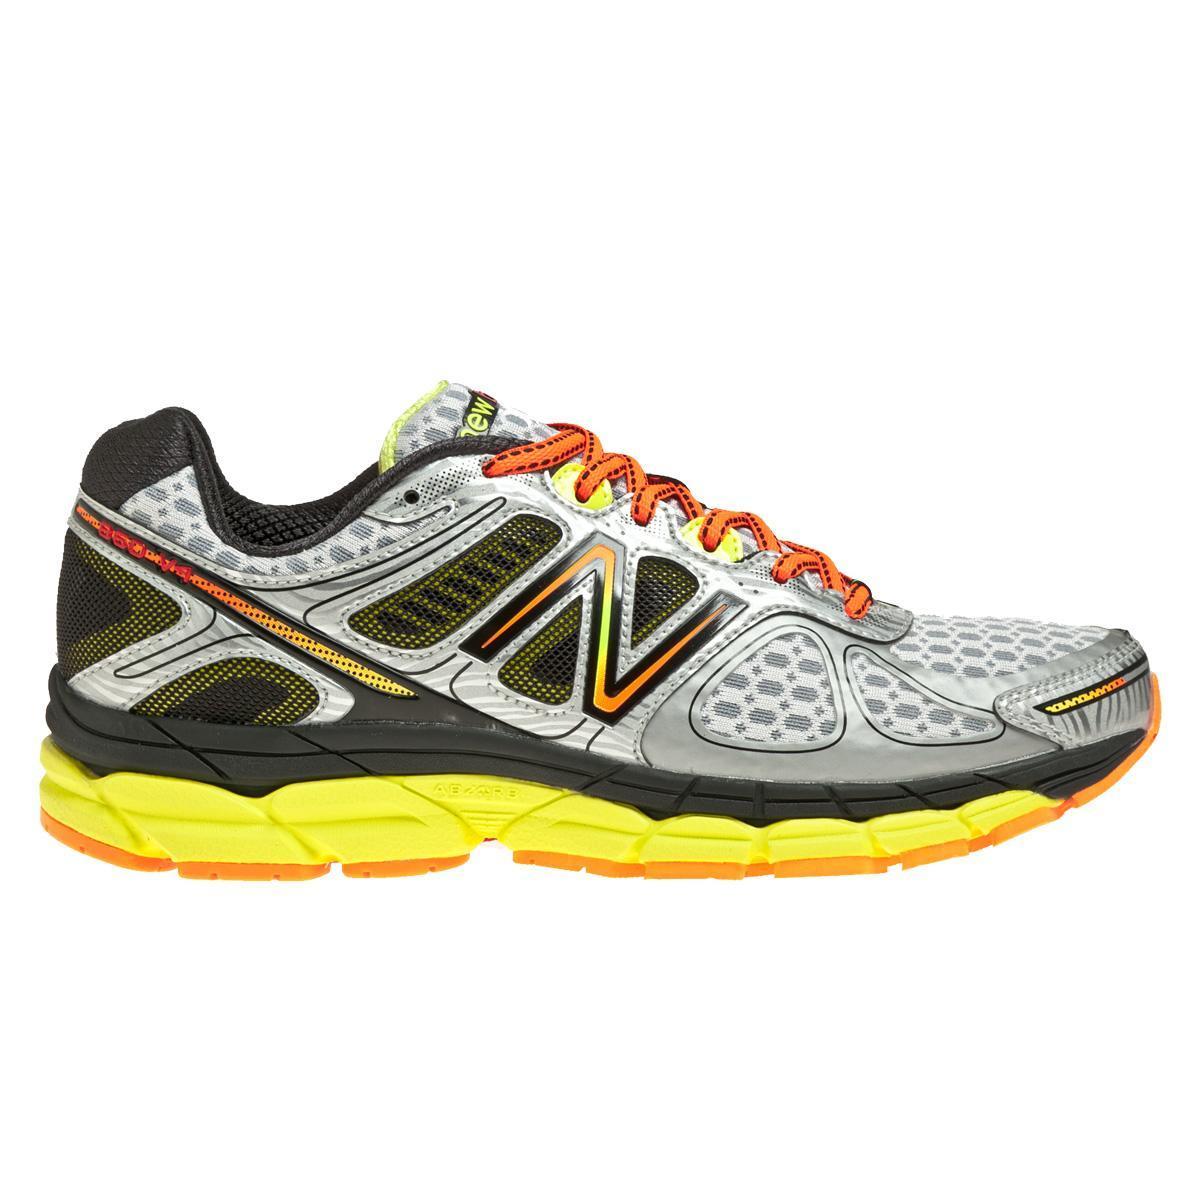 New Balance M860v4 Mens (D) Running